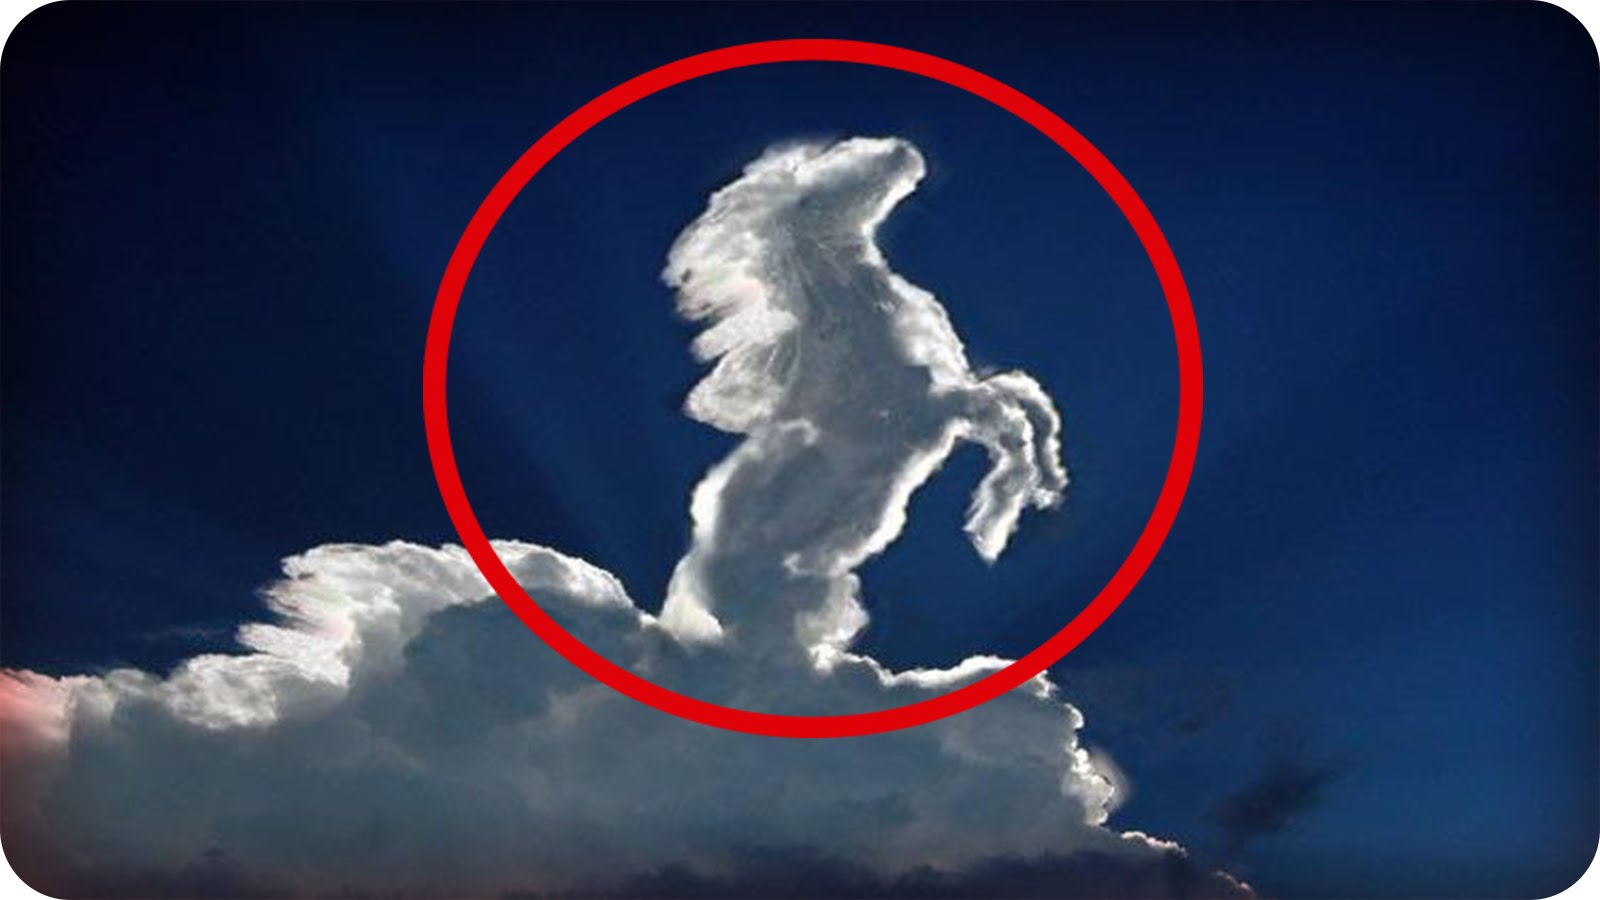 世界で雲の一番恐ろしく信じられない画像!